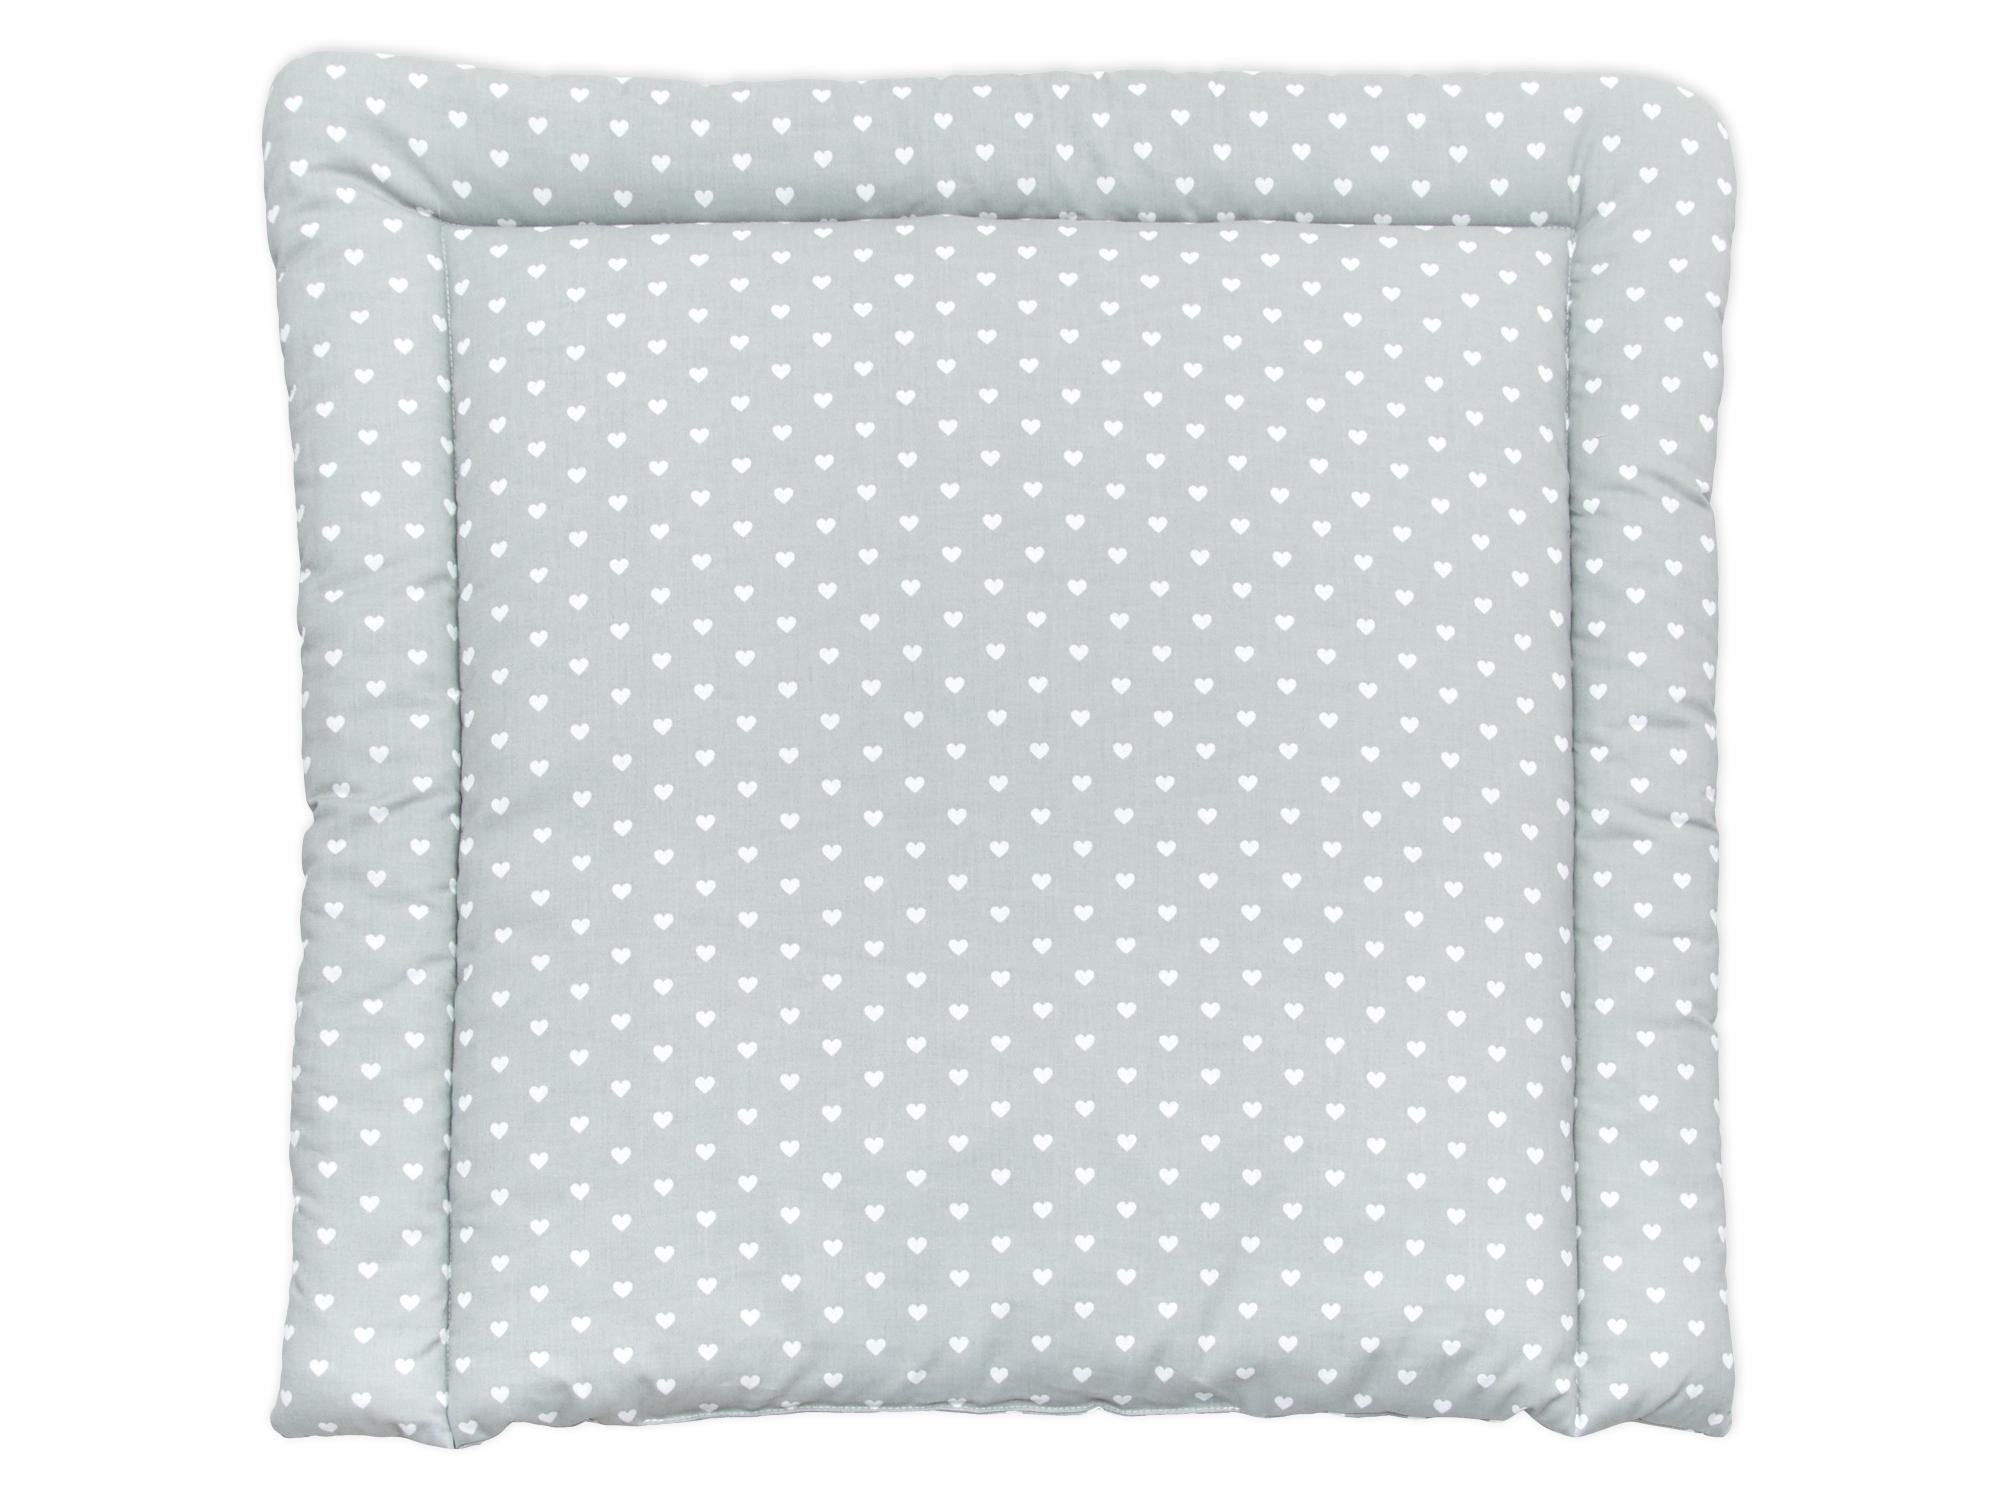 minififia wickelauflage wei e herzen auf grau breit 75 x tief 70 cm. Black Bedroom Furniture Sets. Home Design Ideas